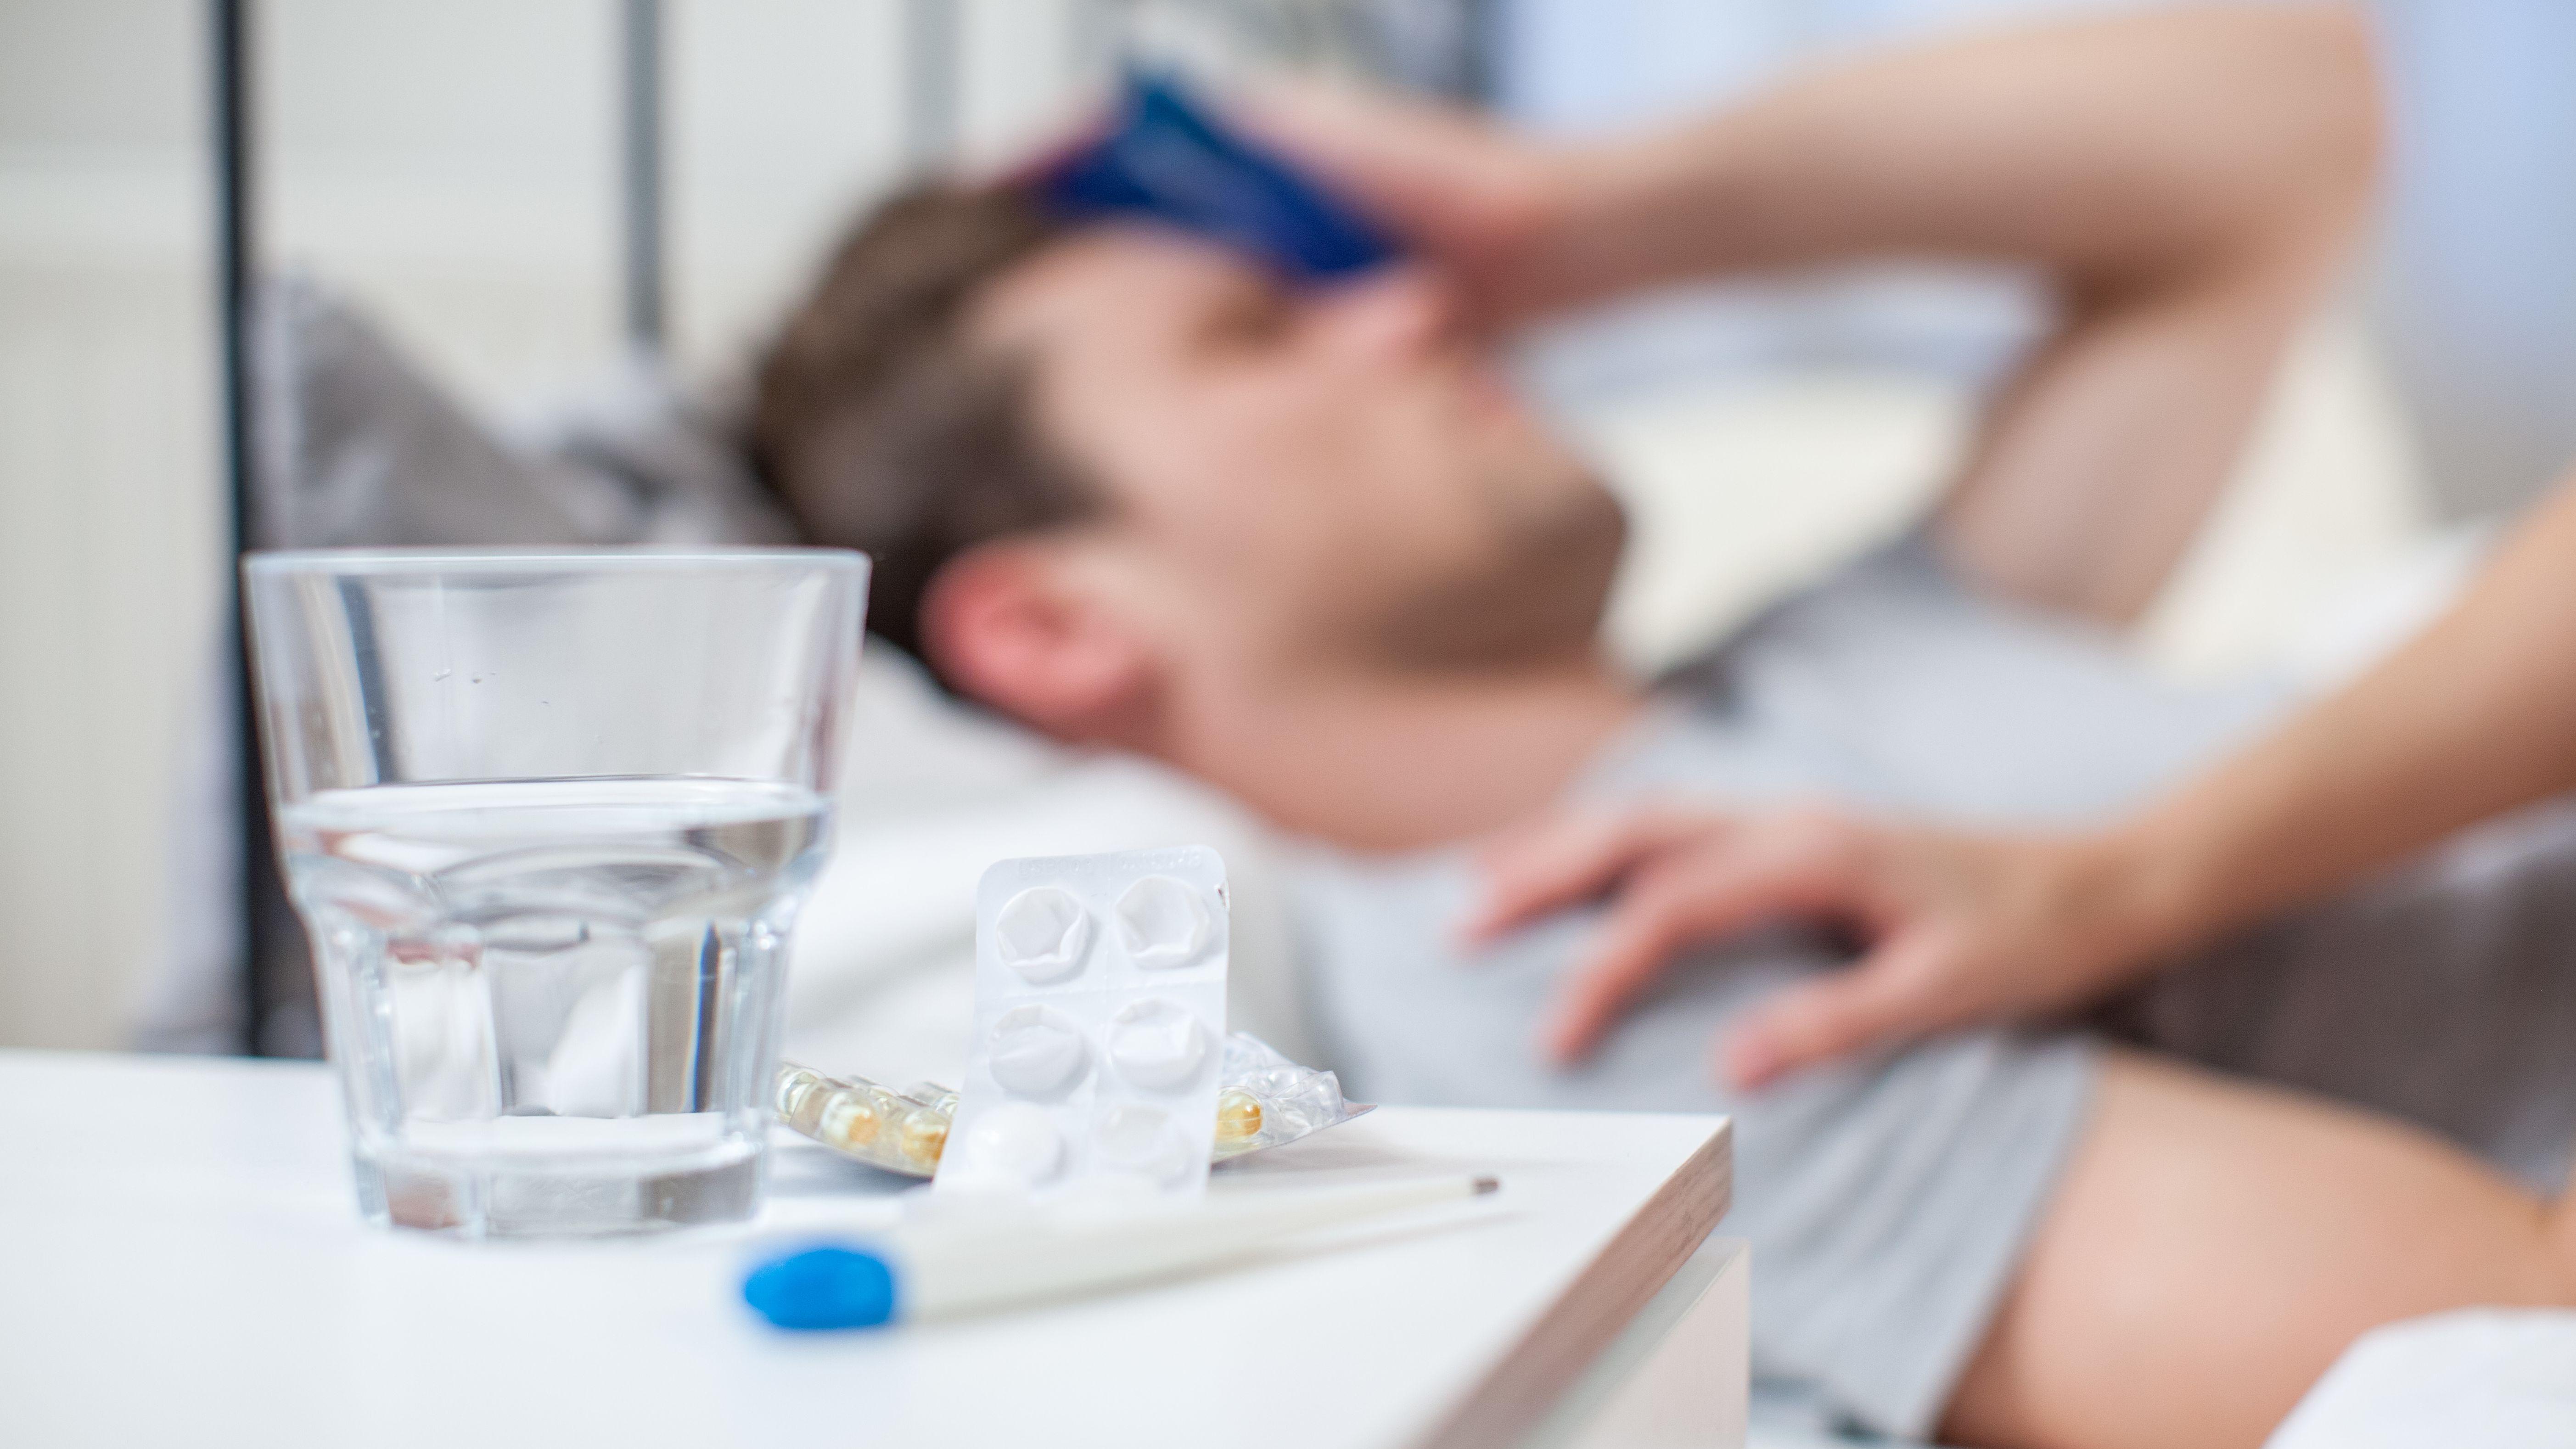 Ein Mann liegt krank im Bett. Am Nachtisch sind Tabletten, ein Fieberthermometer und ein Glas Wasser zu sehen.